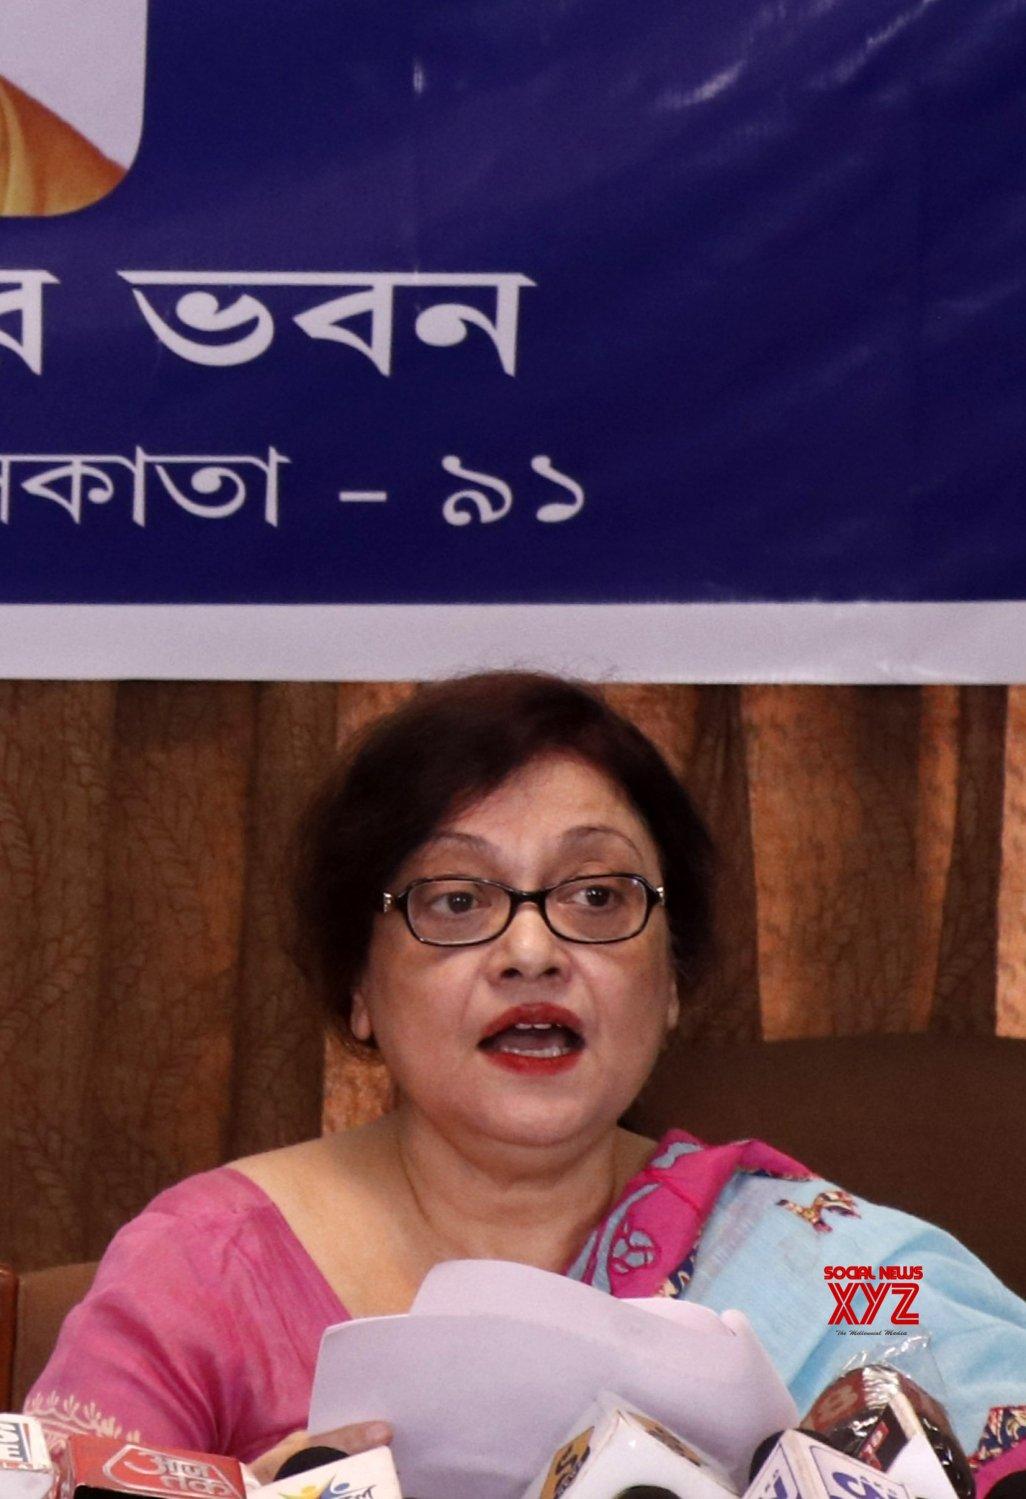 Kolkata: President, WB Council of HS Education, Mahua Das at a press conference for Higher Secondary results at Vidyasagar Bhavan, Salt Lake City in Kolkata. #Gallery